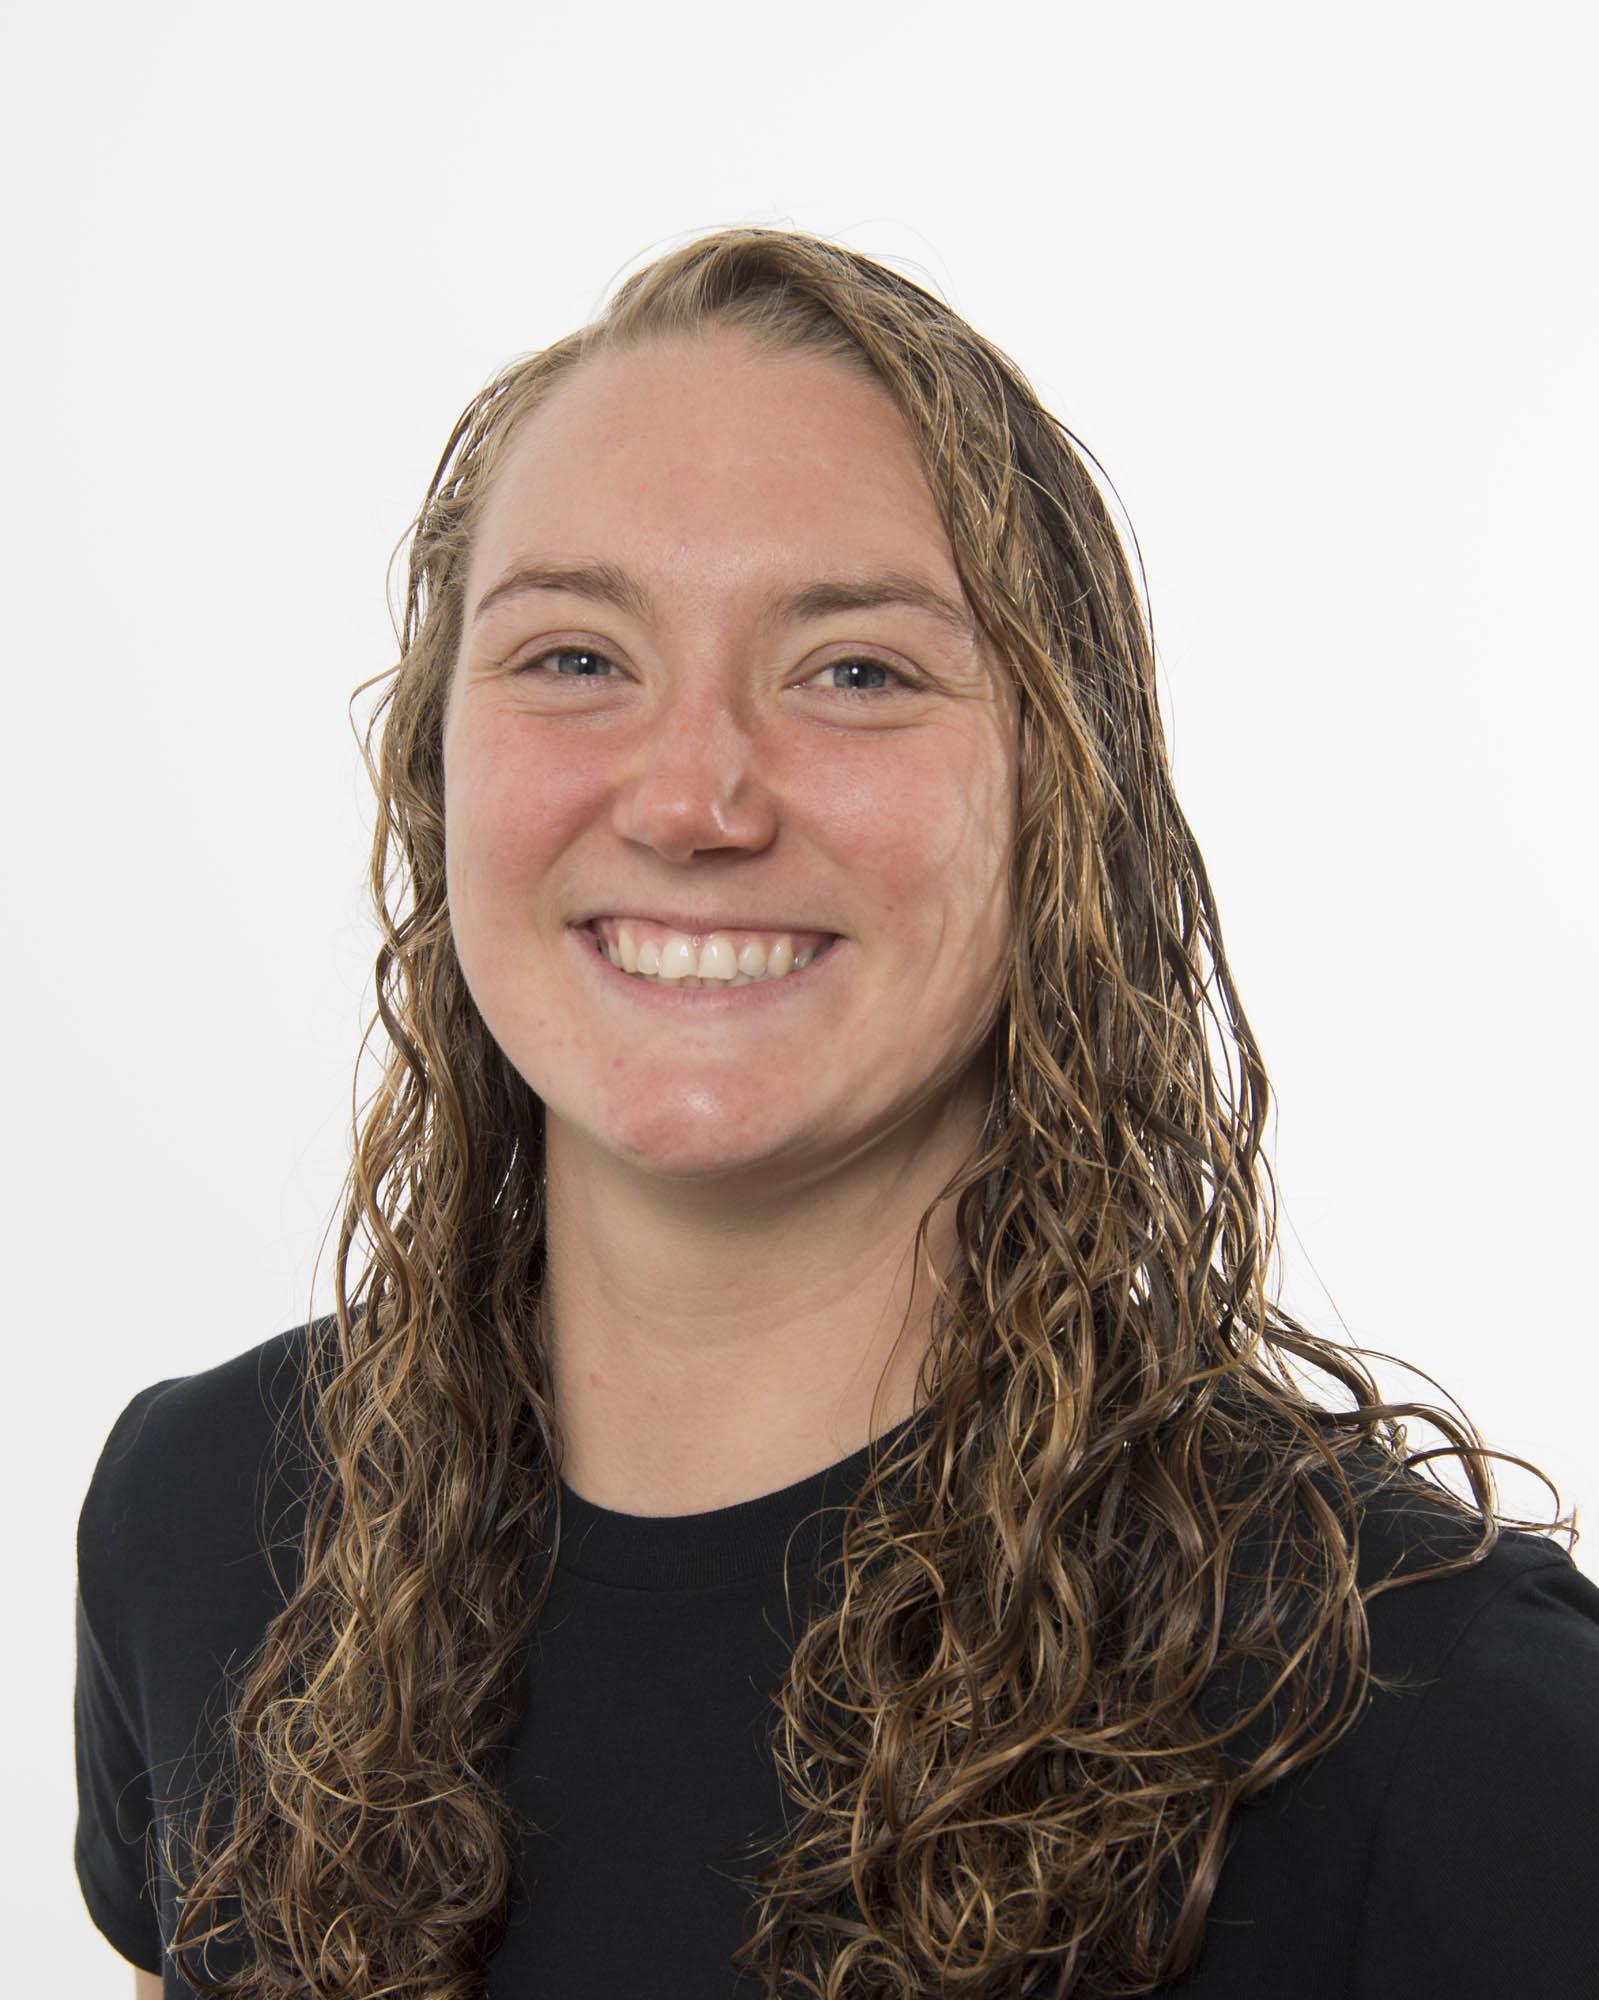 Hayley McKelvey